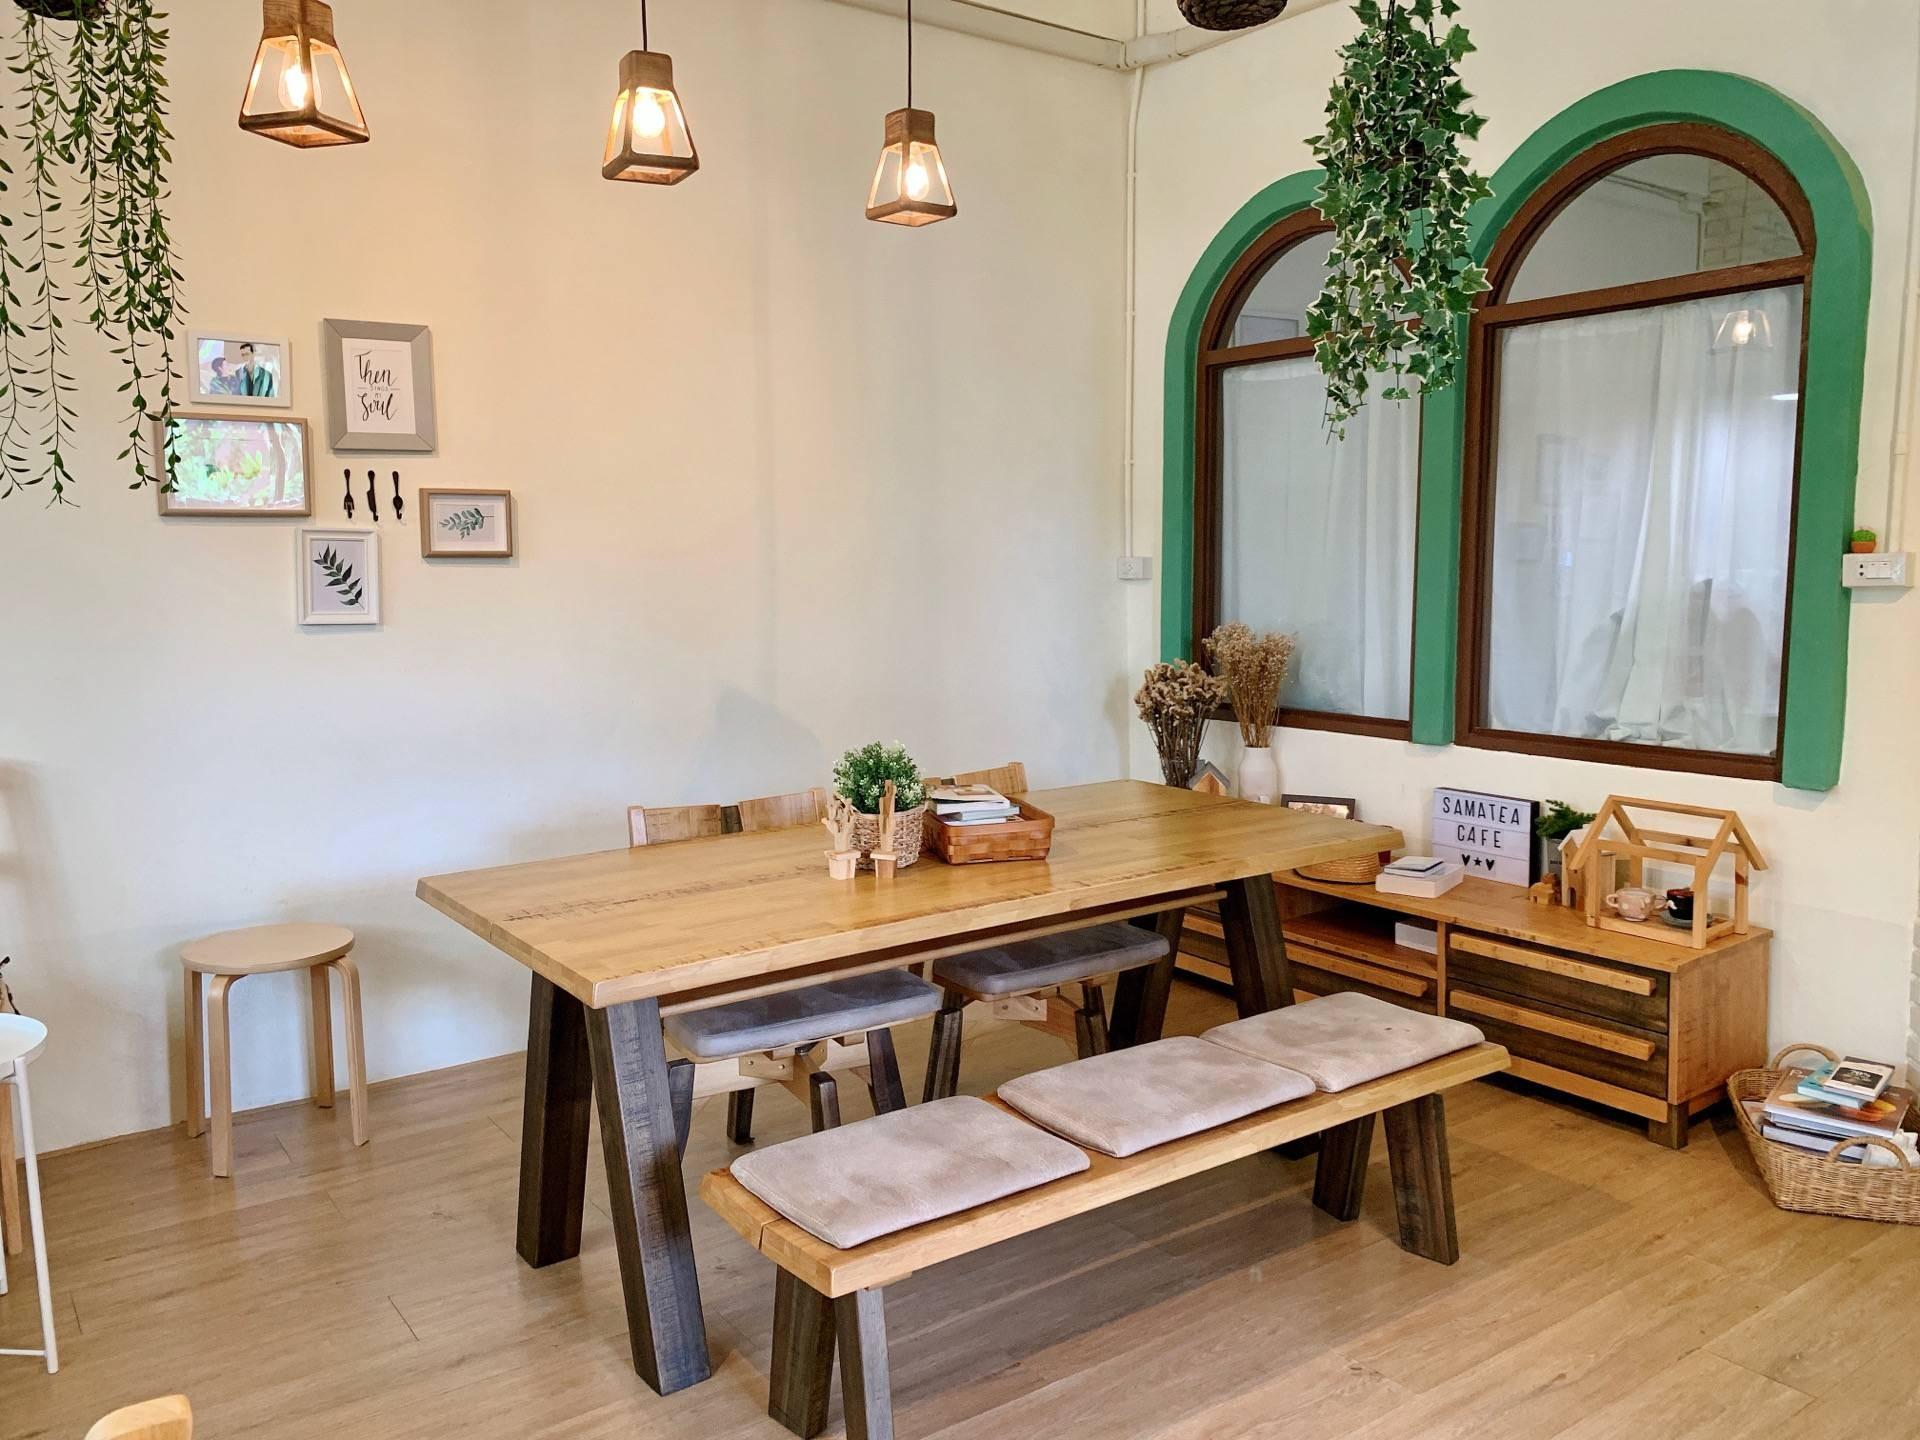 Samatea Cafe - สมาธิ คาเฟ่